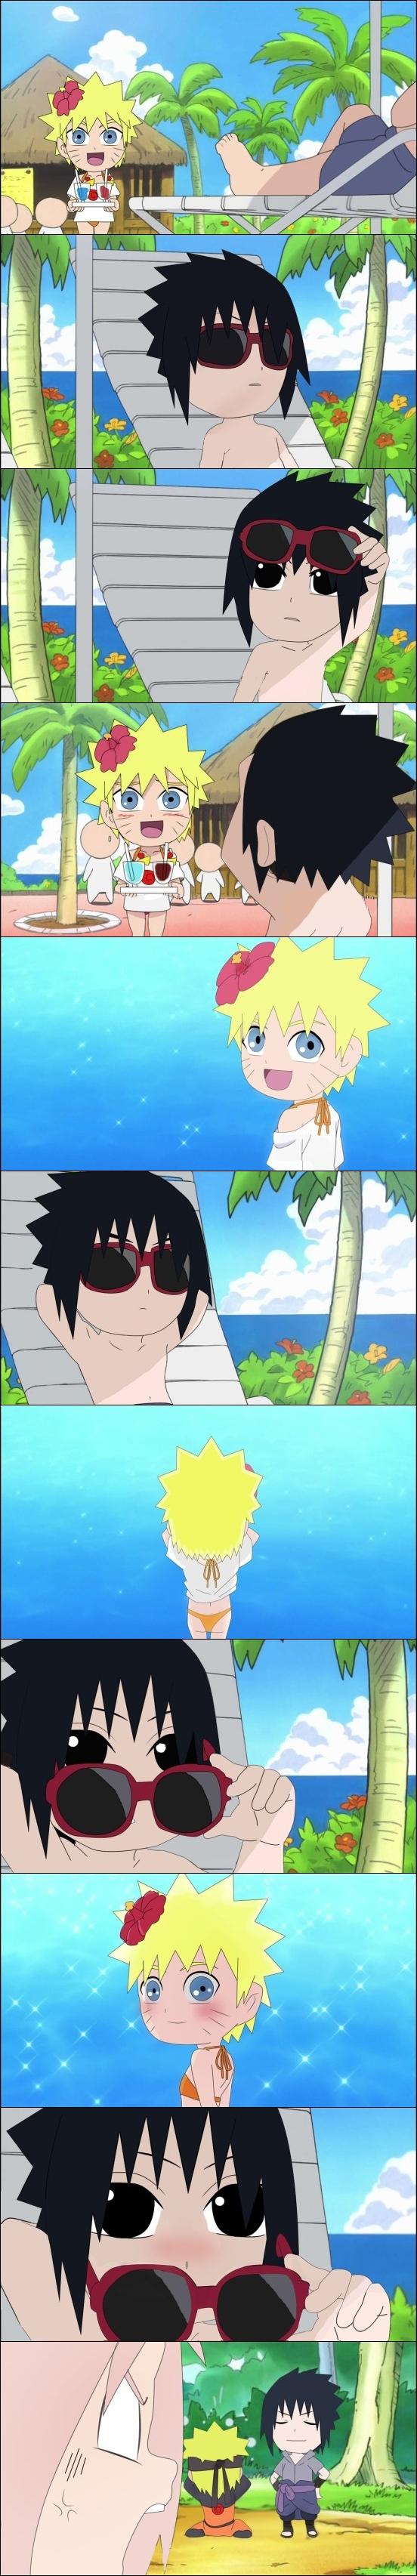 Tags: Anime, Pixiv Id 2445804, Rock Lee no Seishun Full-Power Ninden, NARUTO, Uchiha Sasuke, Uzumaki Naruto, Haruno Sakura, Honeymoon, Comic, Edited, NaruSasu